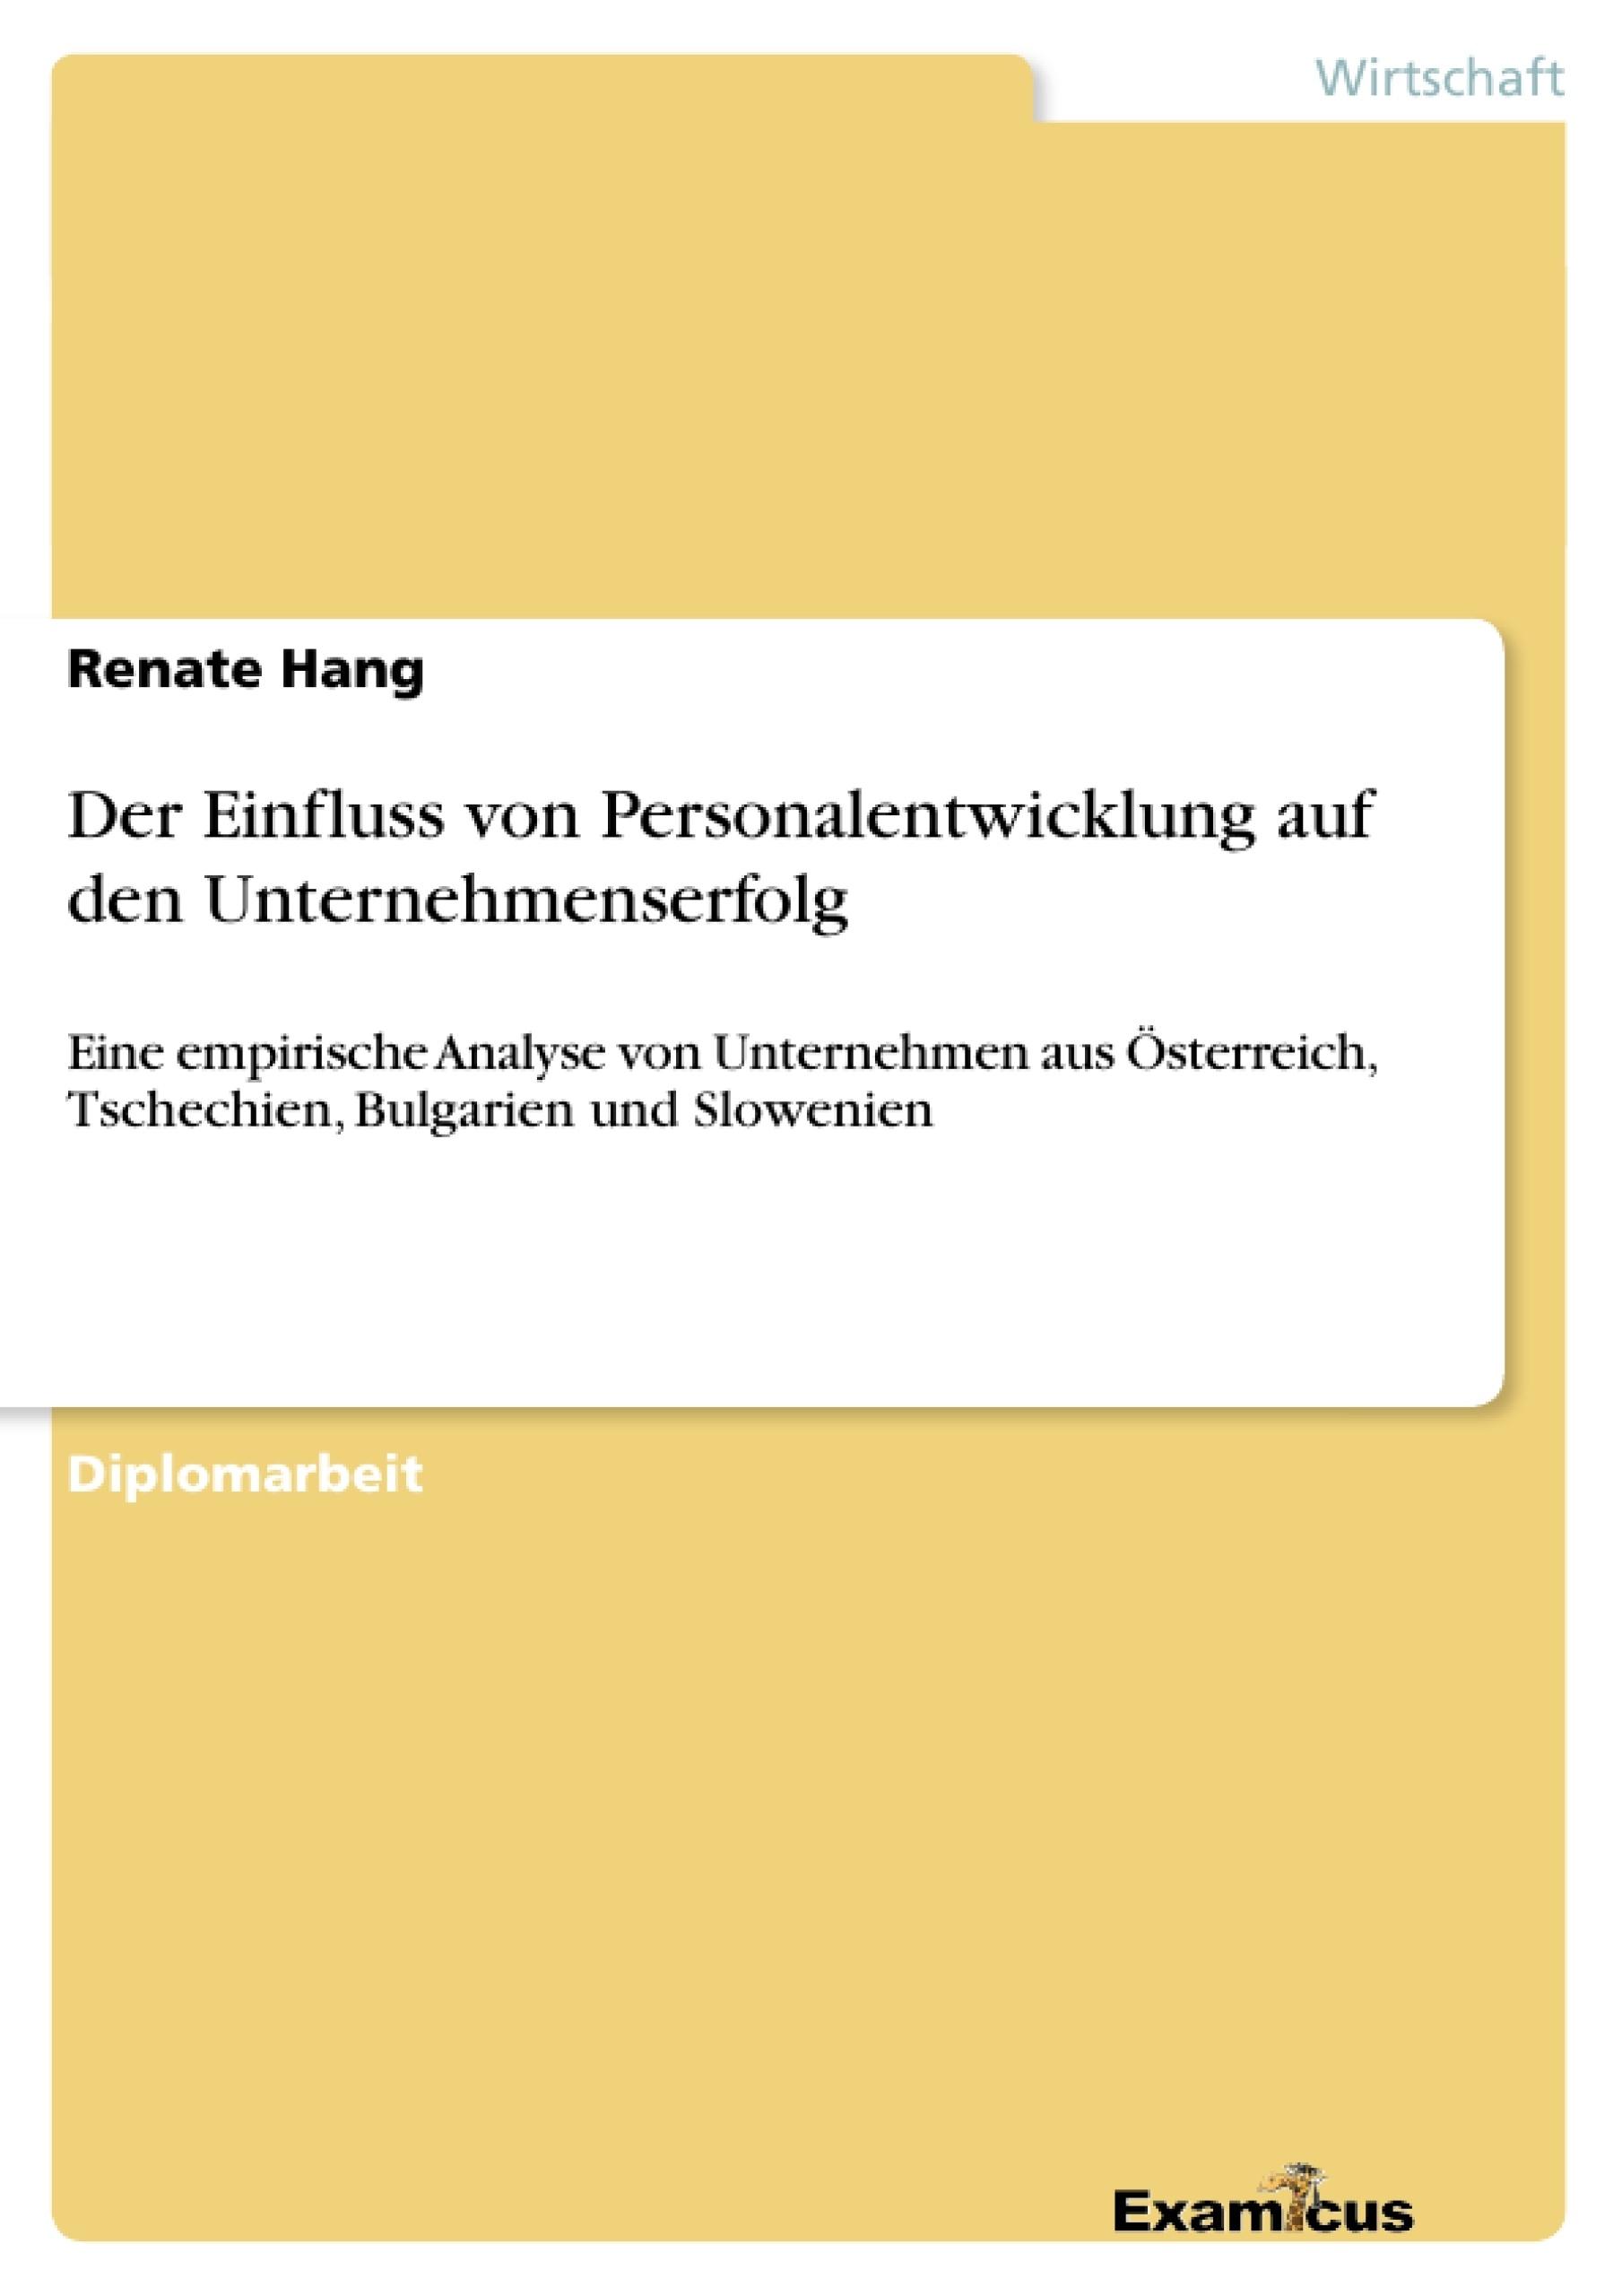 Titel: Der Einfluss von Personalentwicklung auf den Unternehmenserfolg